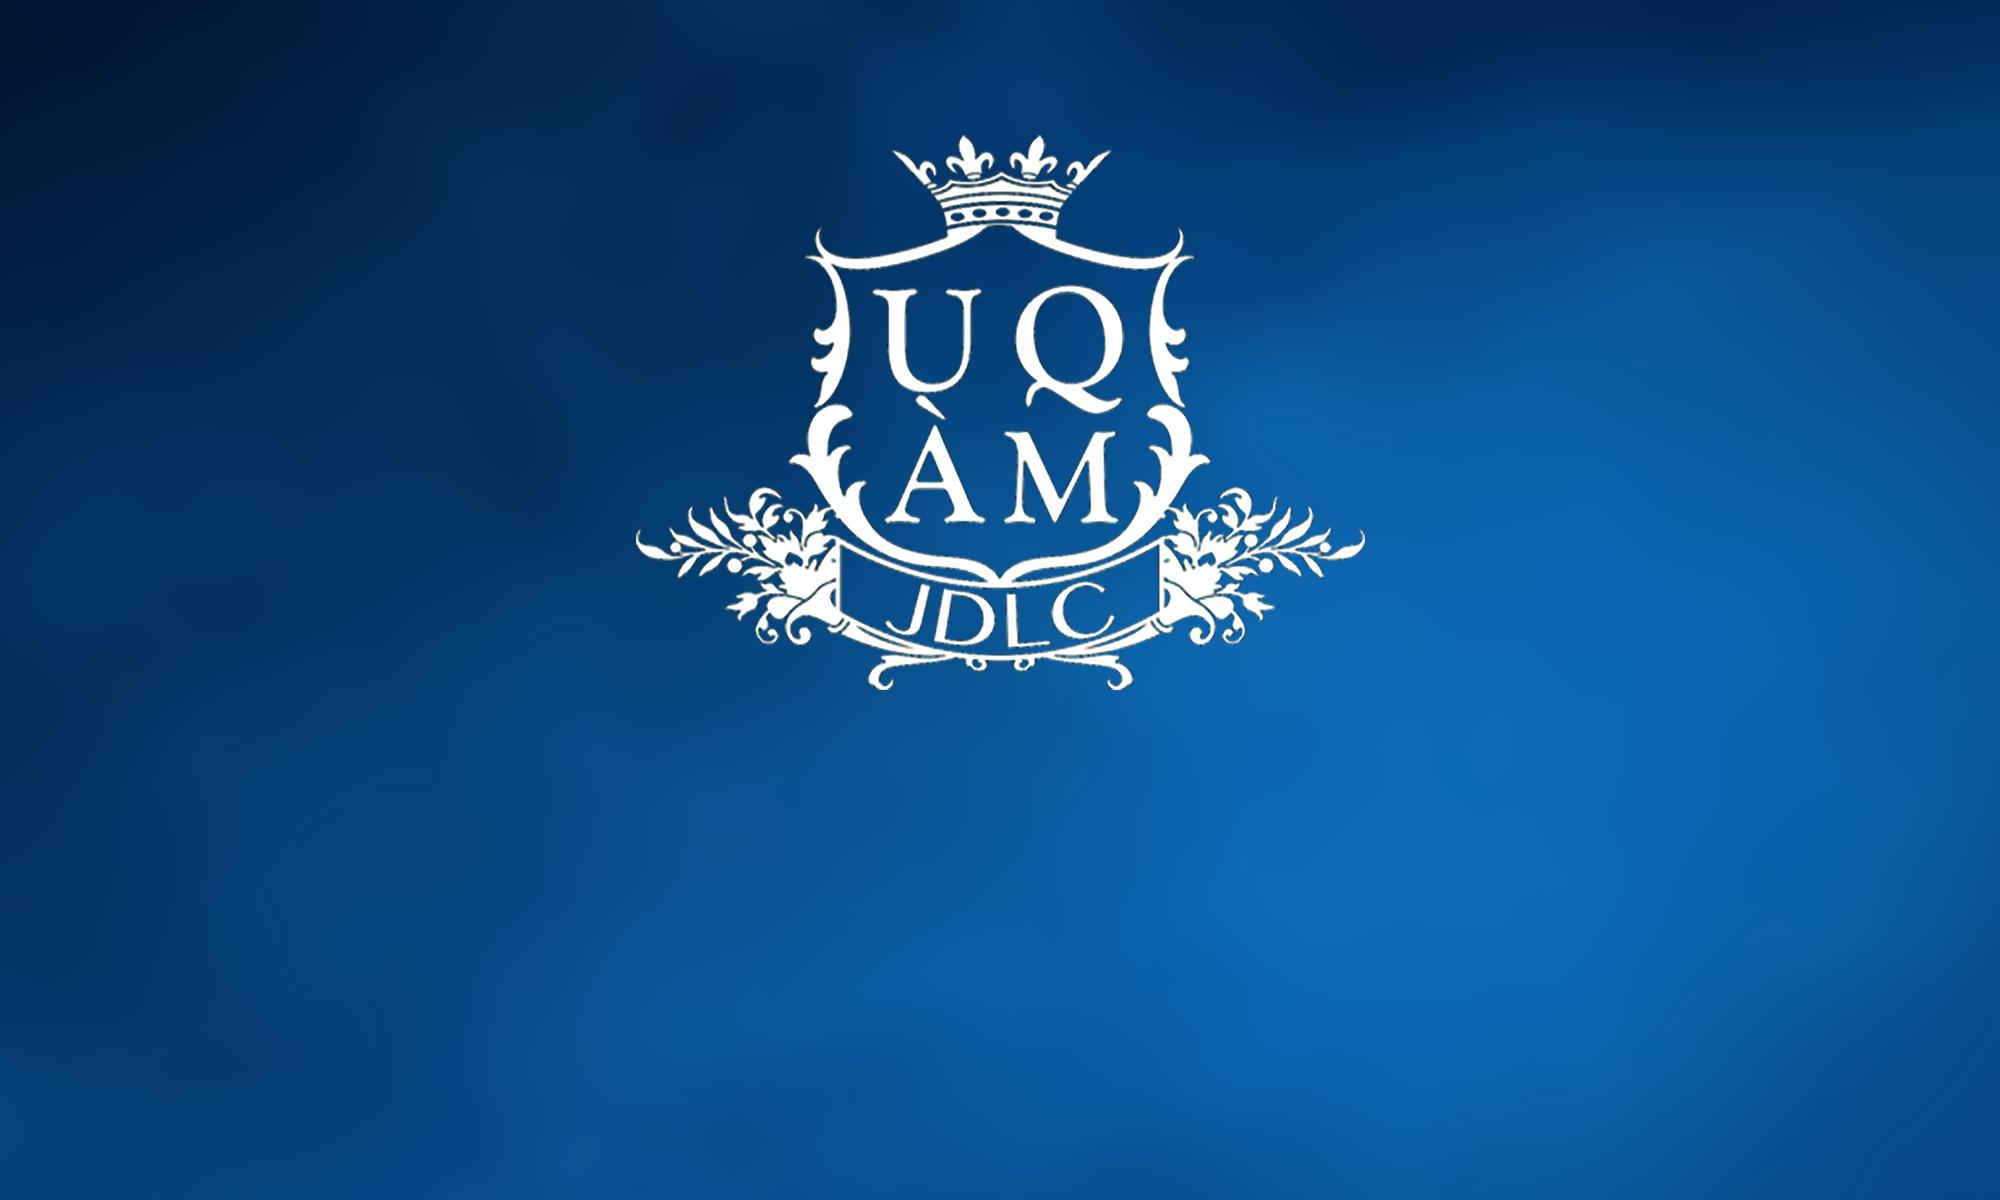 UQAM  JDLC 2020